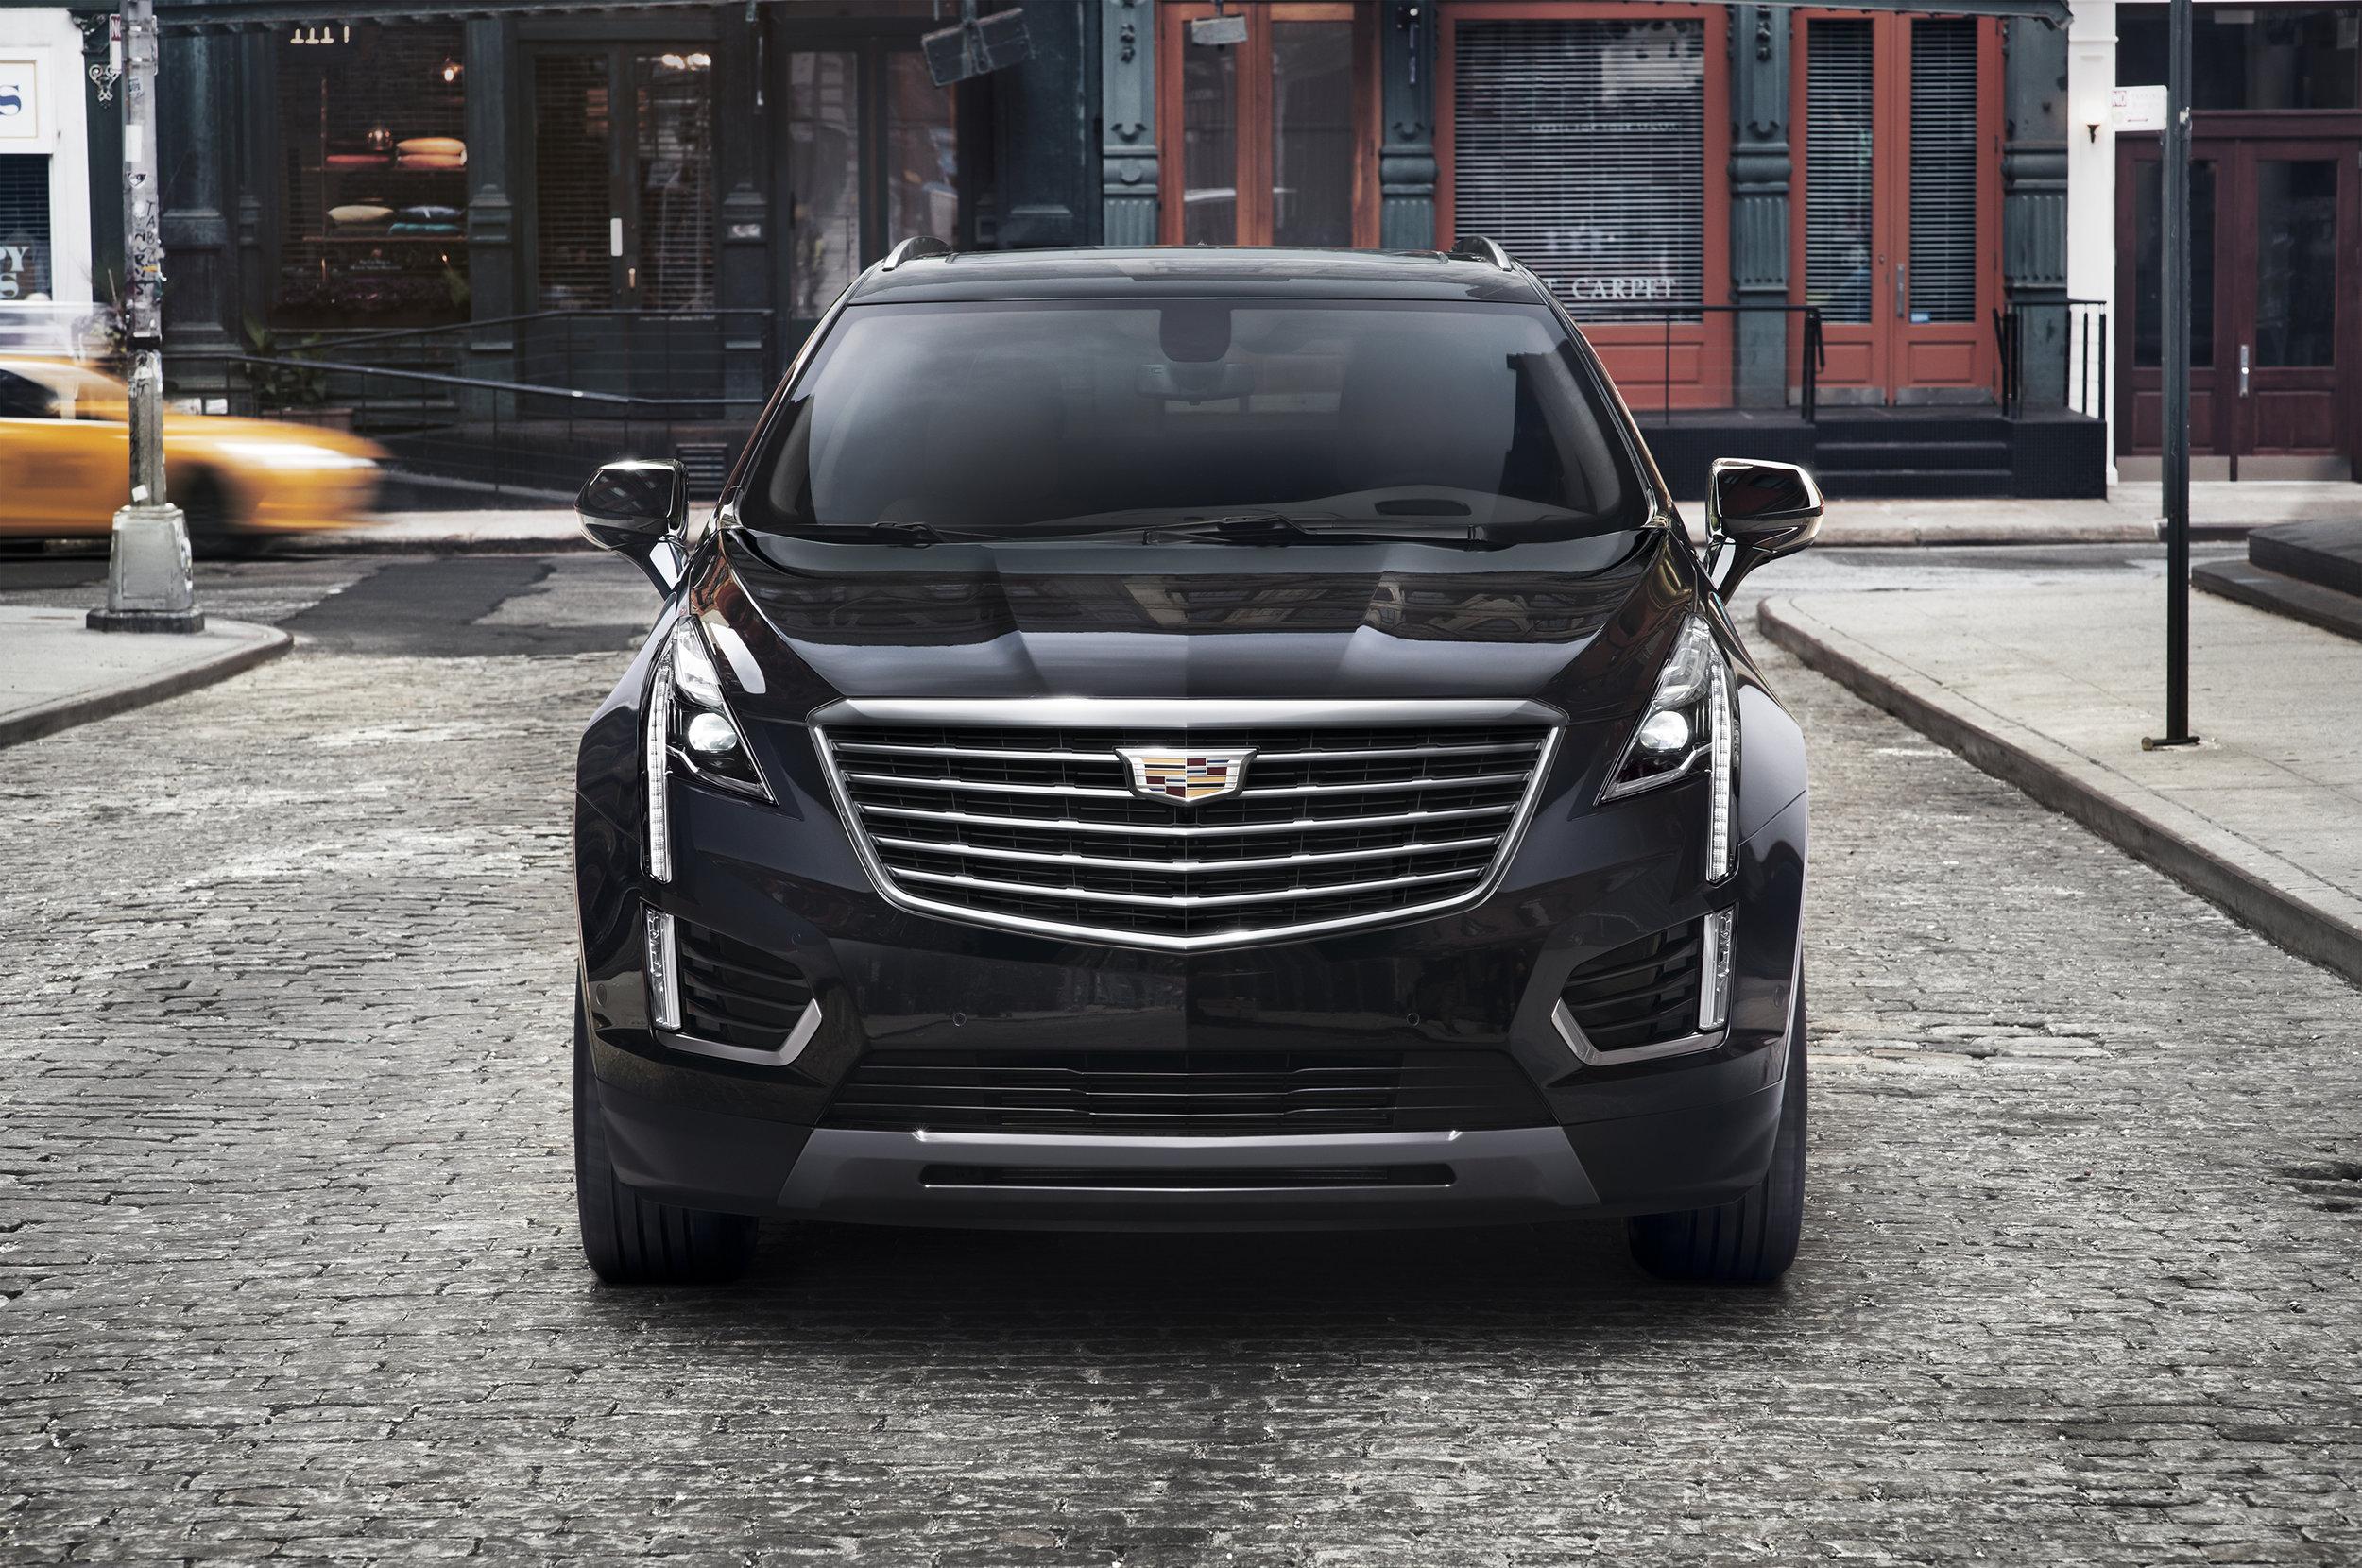 2017-Cadillac-XT5-002.jpg